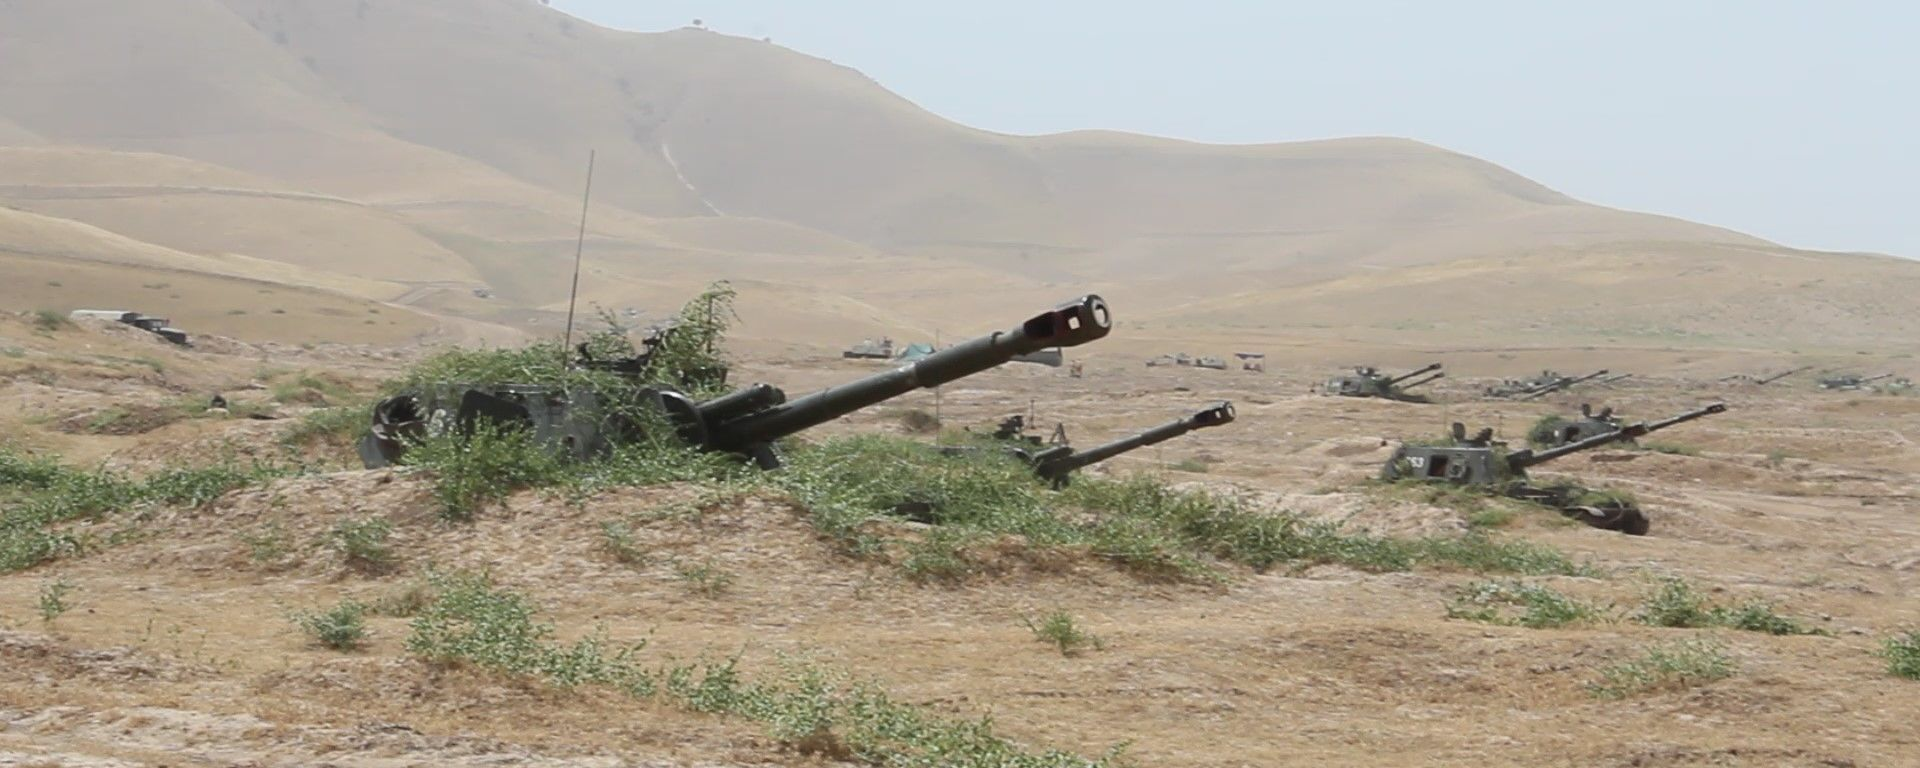 На полигоне Ляур с артиллеристами 201 военной базы в Таджикистане проведено учение по управлению огнем артиллерии - Sputnik Таджикистан, 1920, 07.07.2021